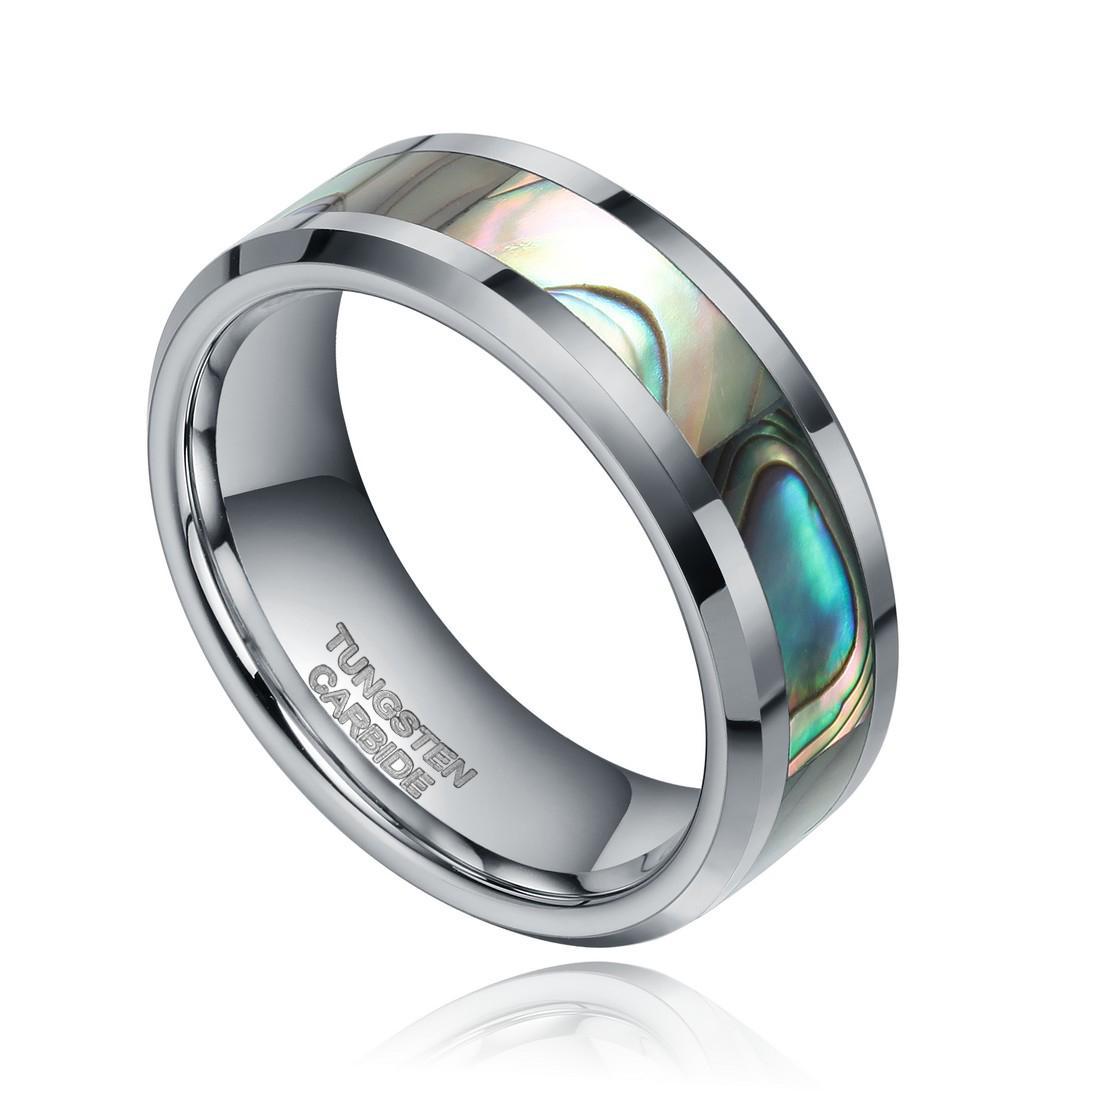 6 / 8mm homens anel de tungstênio aliança de casamento anel de prata com abalone conforto fit tamanho 6-13